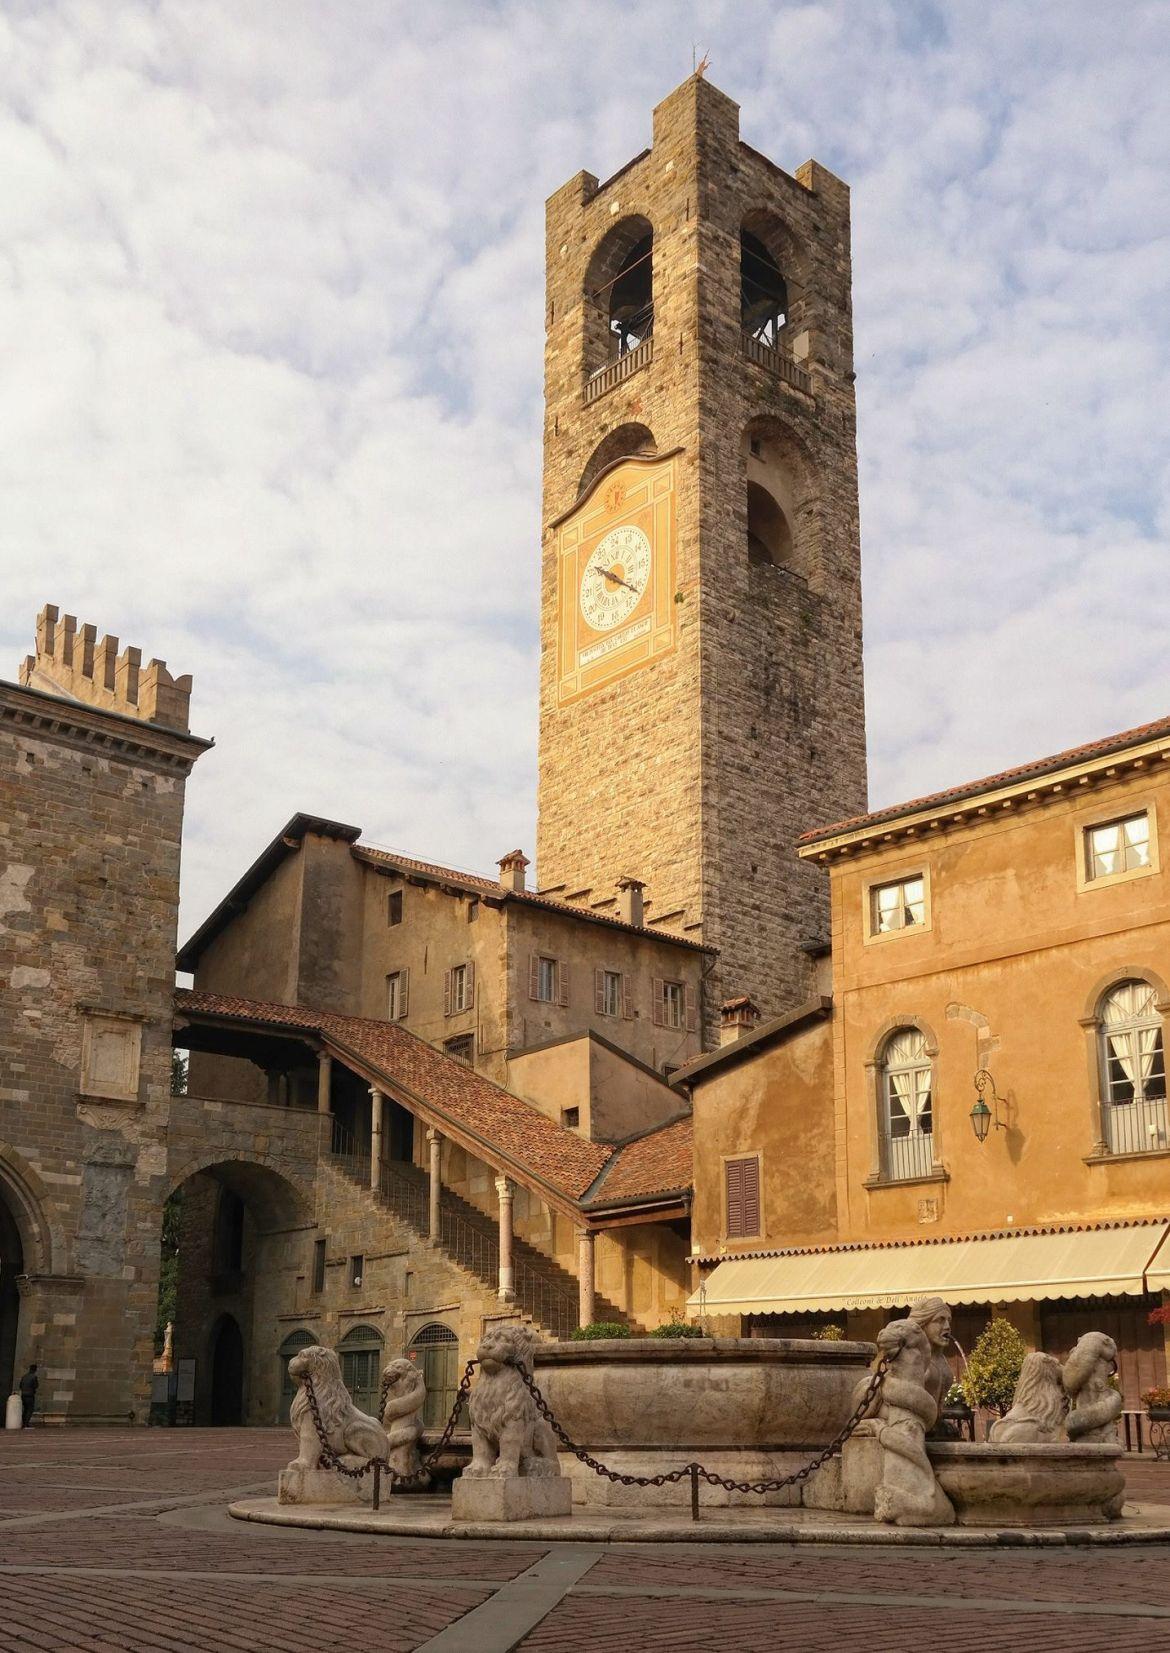 Torre Civica Piazza Vecchia Bergamo